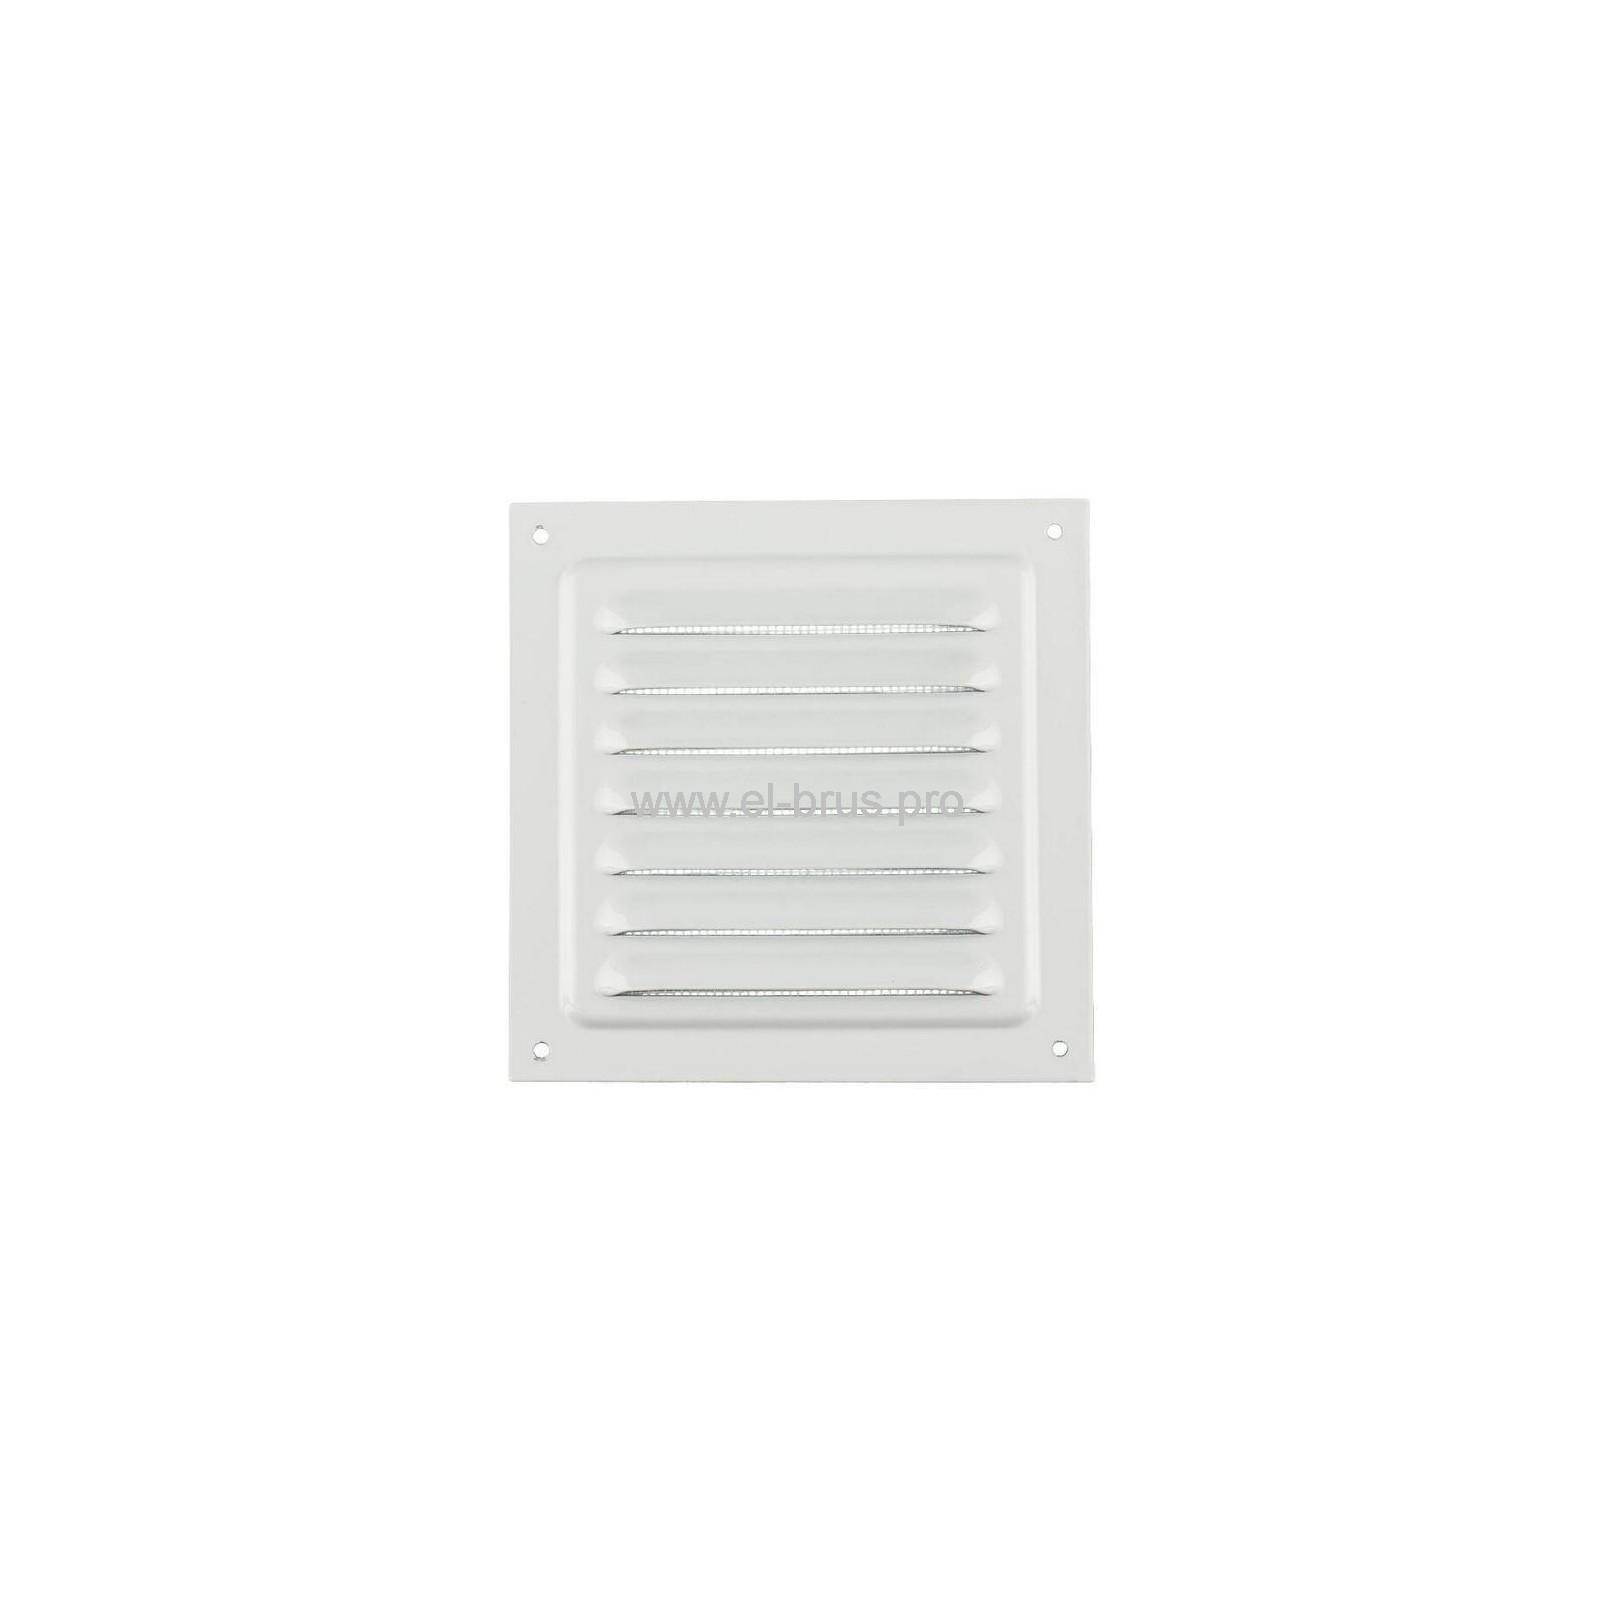 Решетка вент. с сеткой 125х125мм сталь белая ERA 1212МЭ